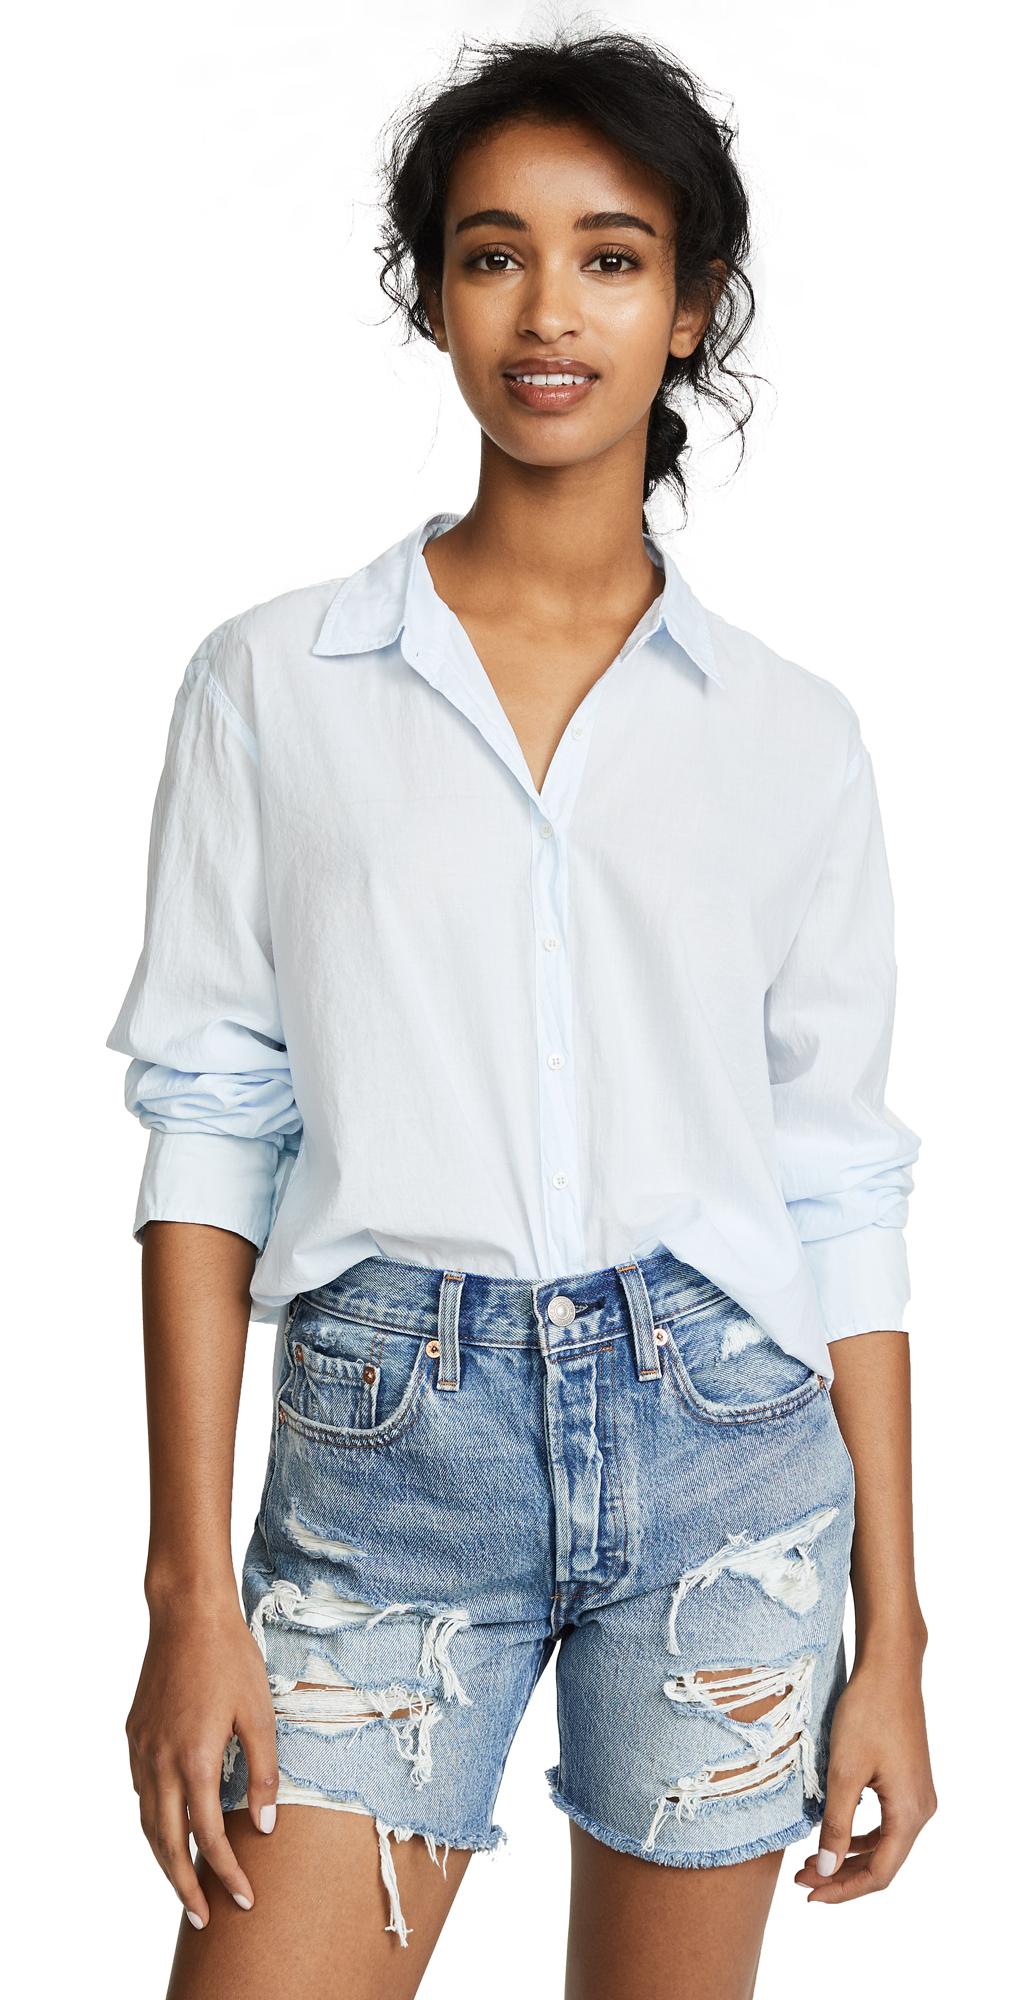 XIRENA Beau Button Down Shirt